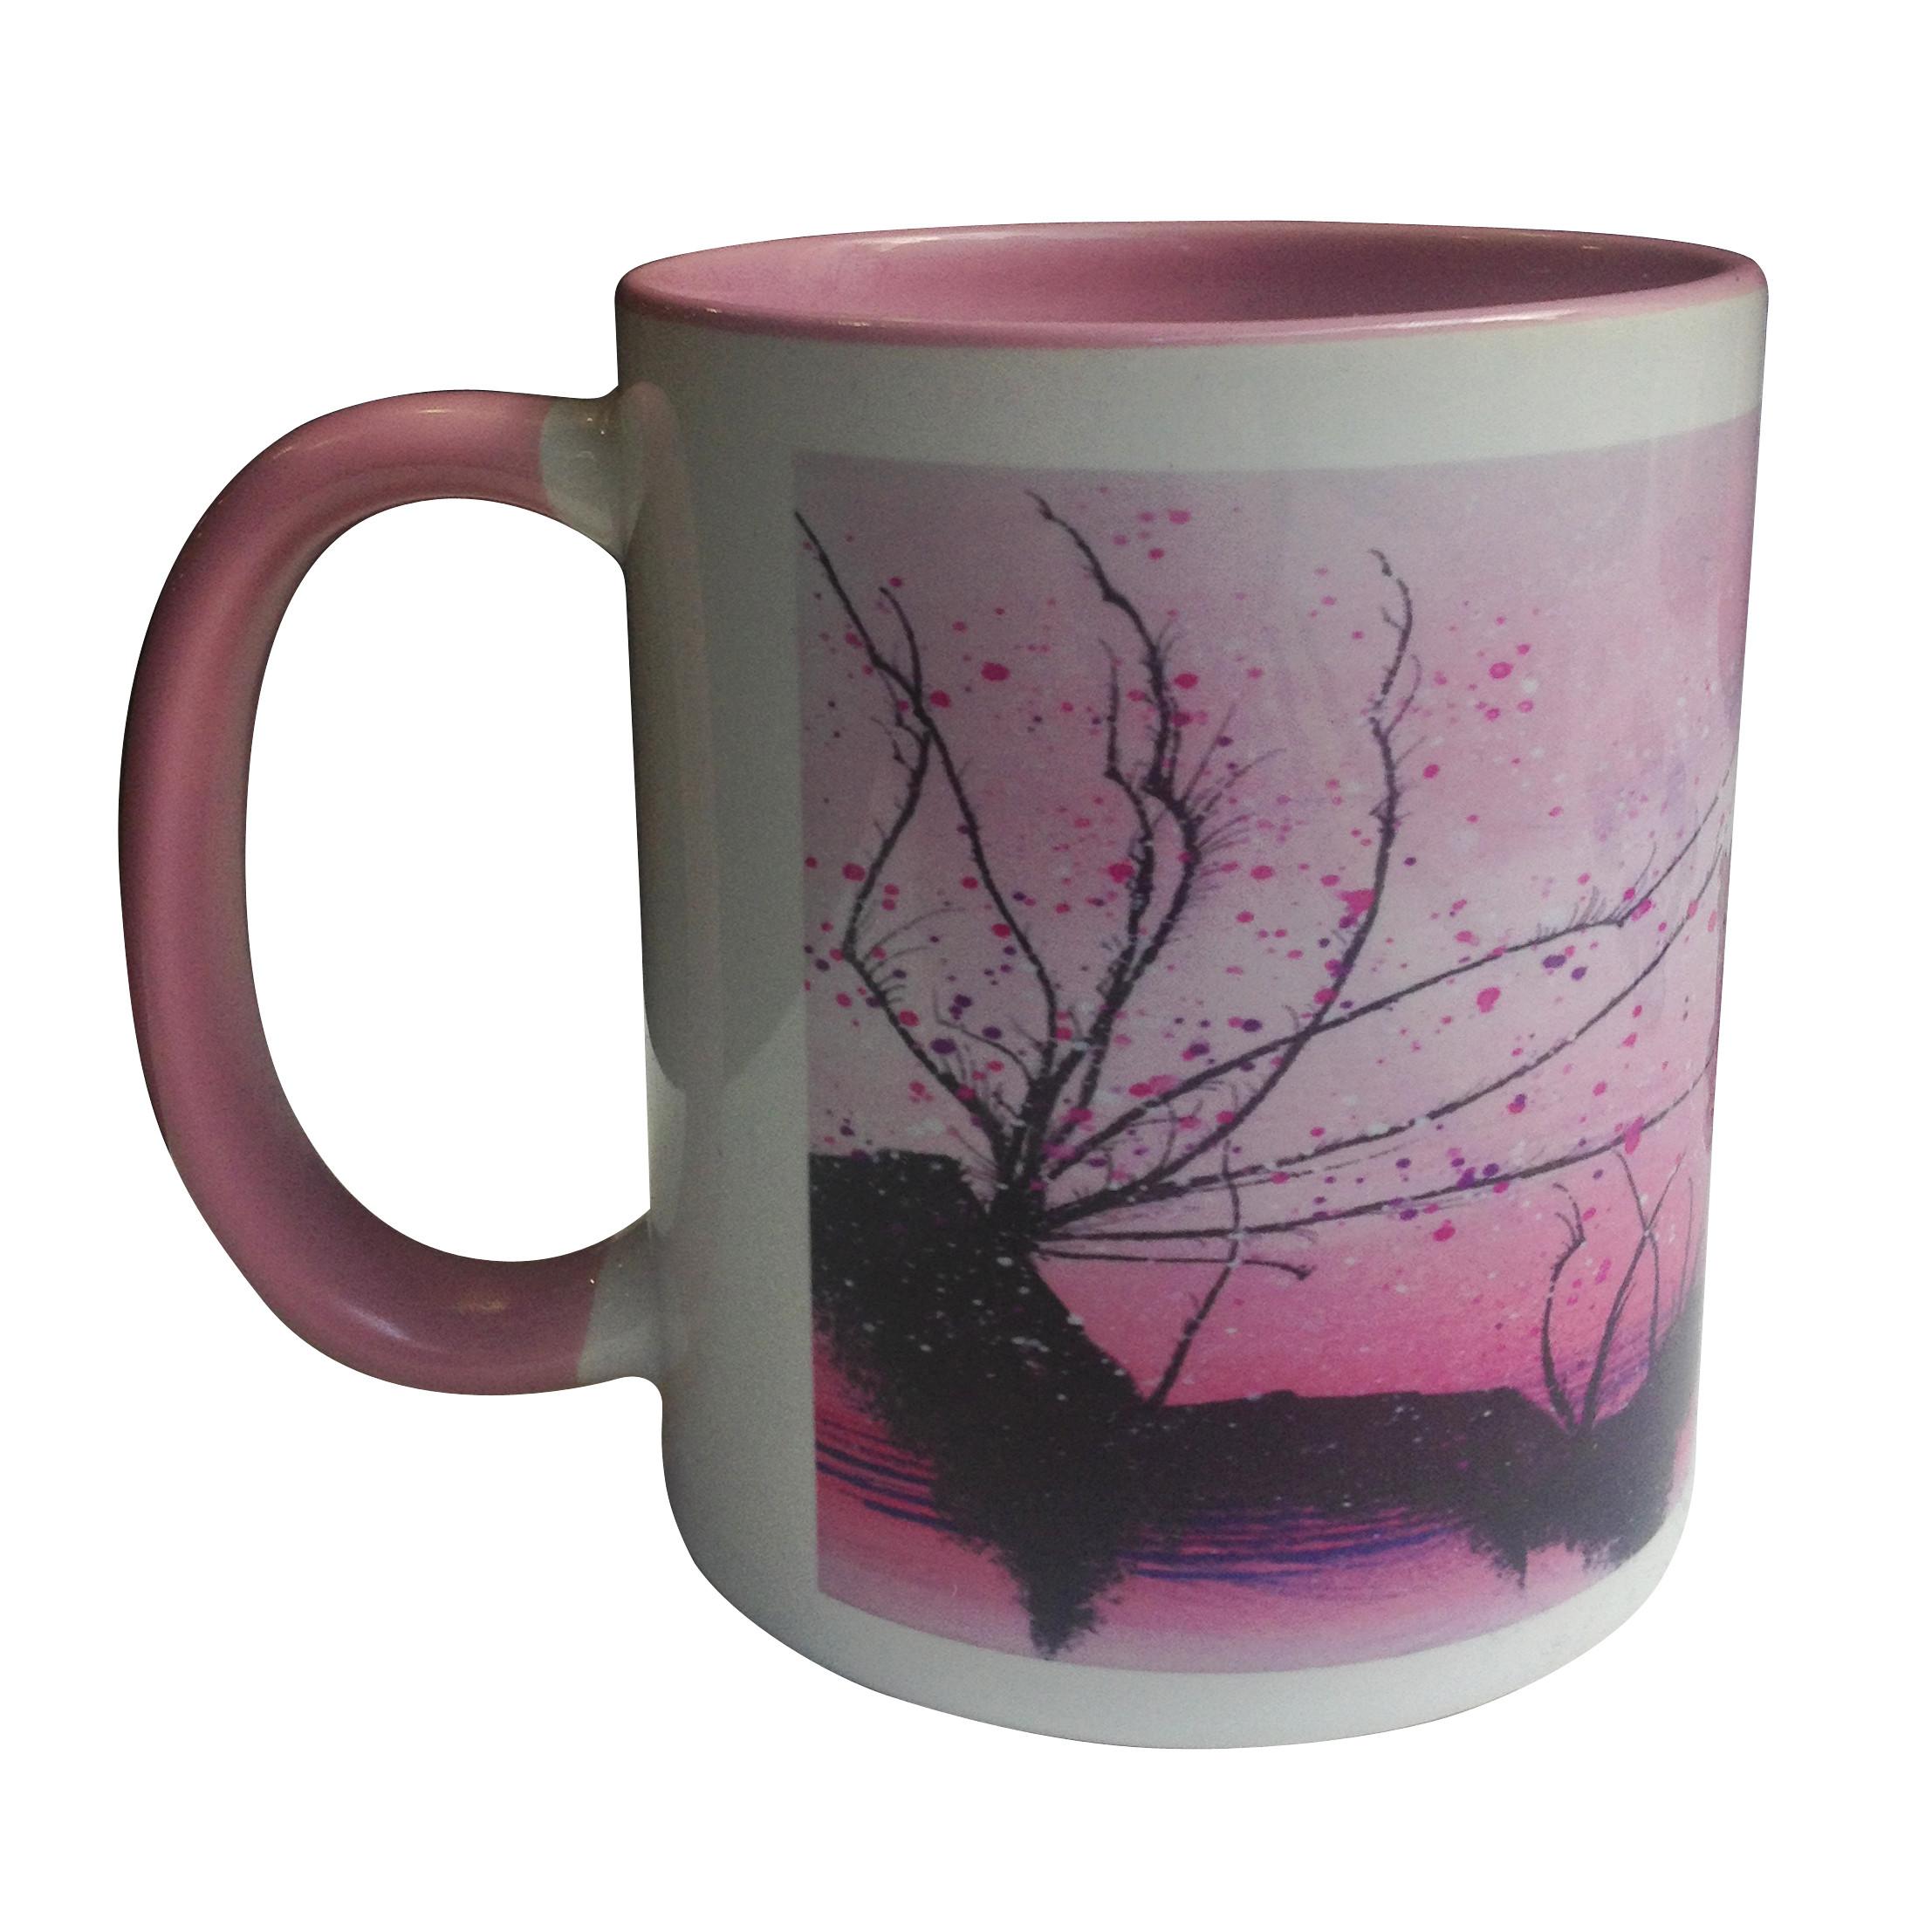 Mug en céramique à bordure colorée